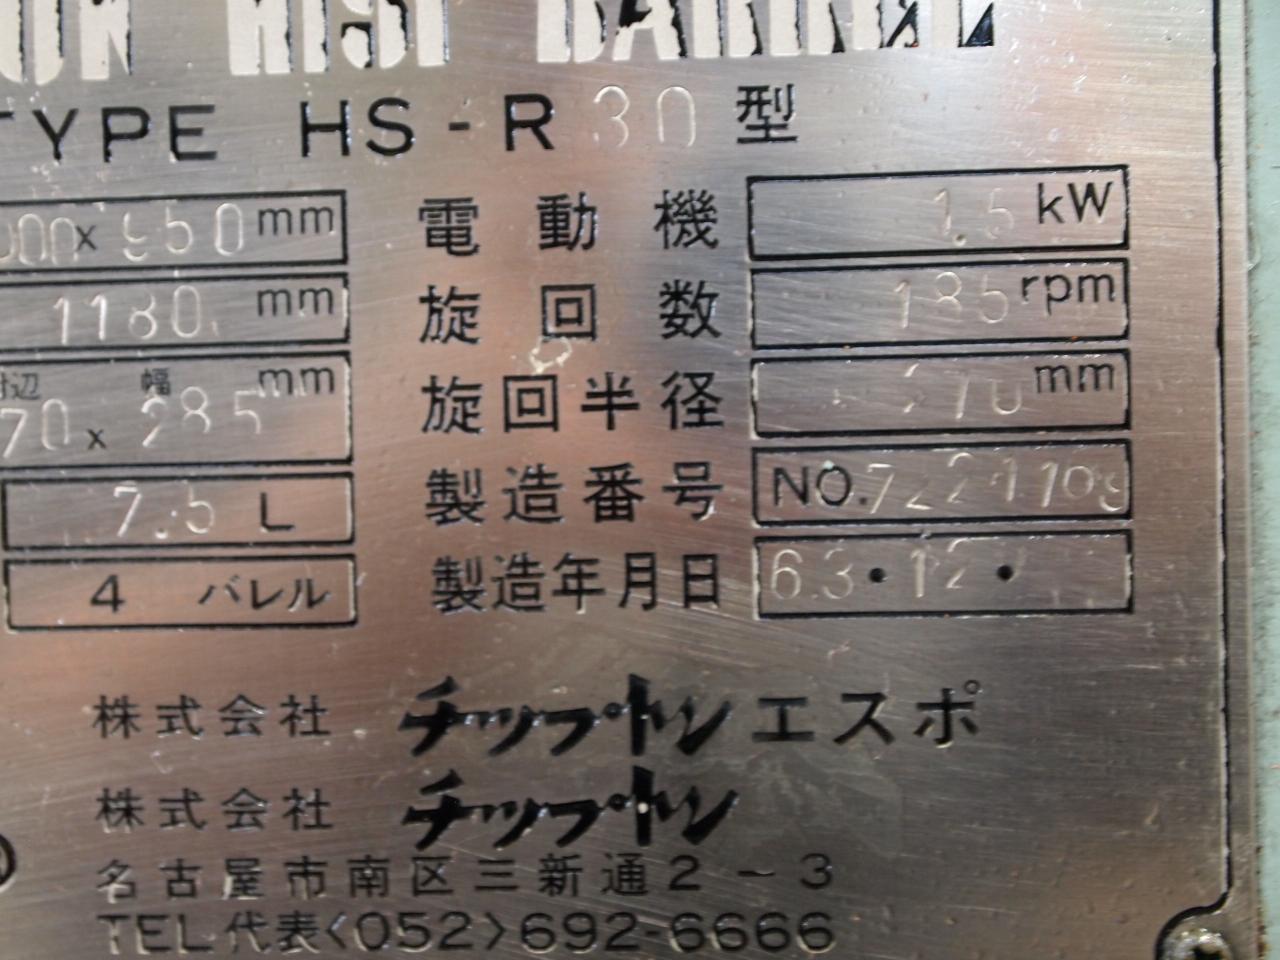 HS-R30銘板アップ